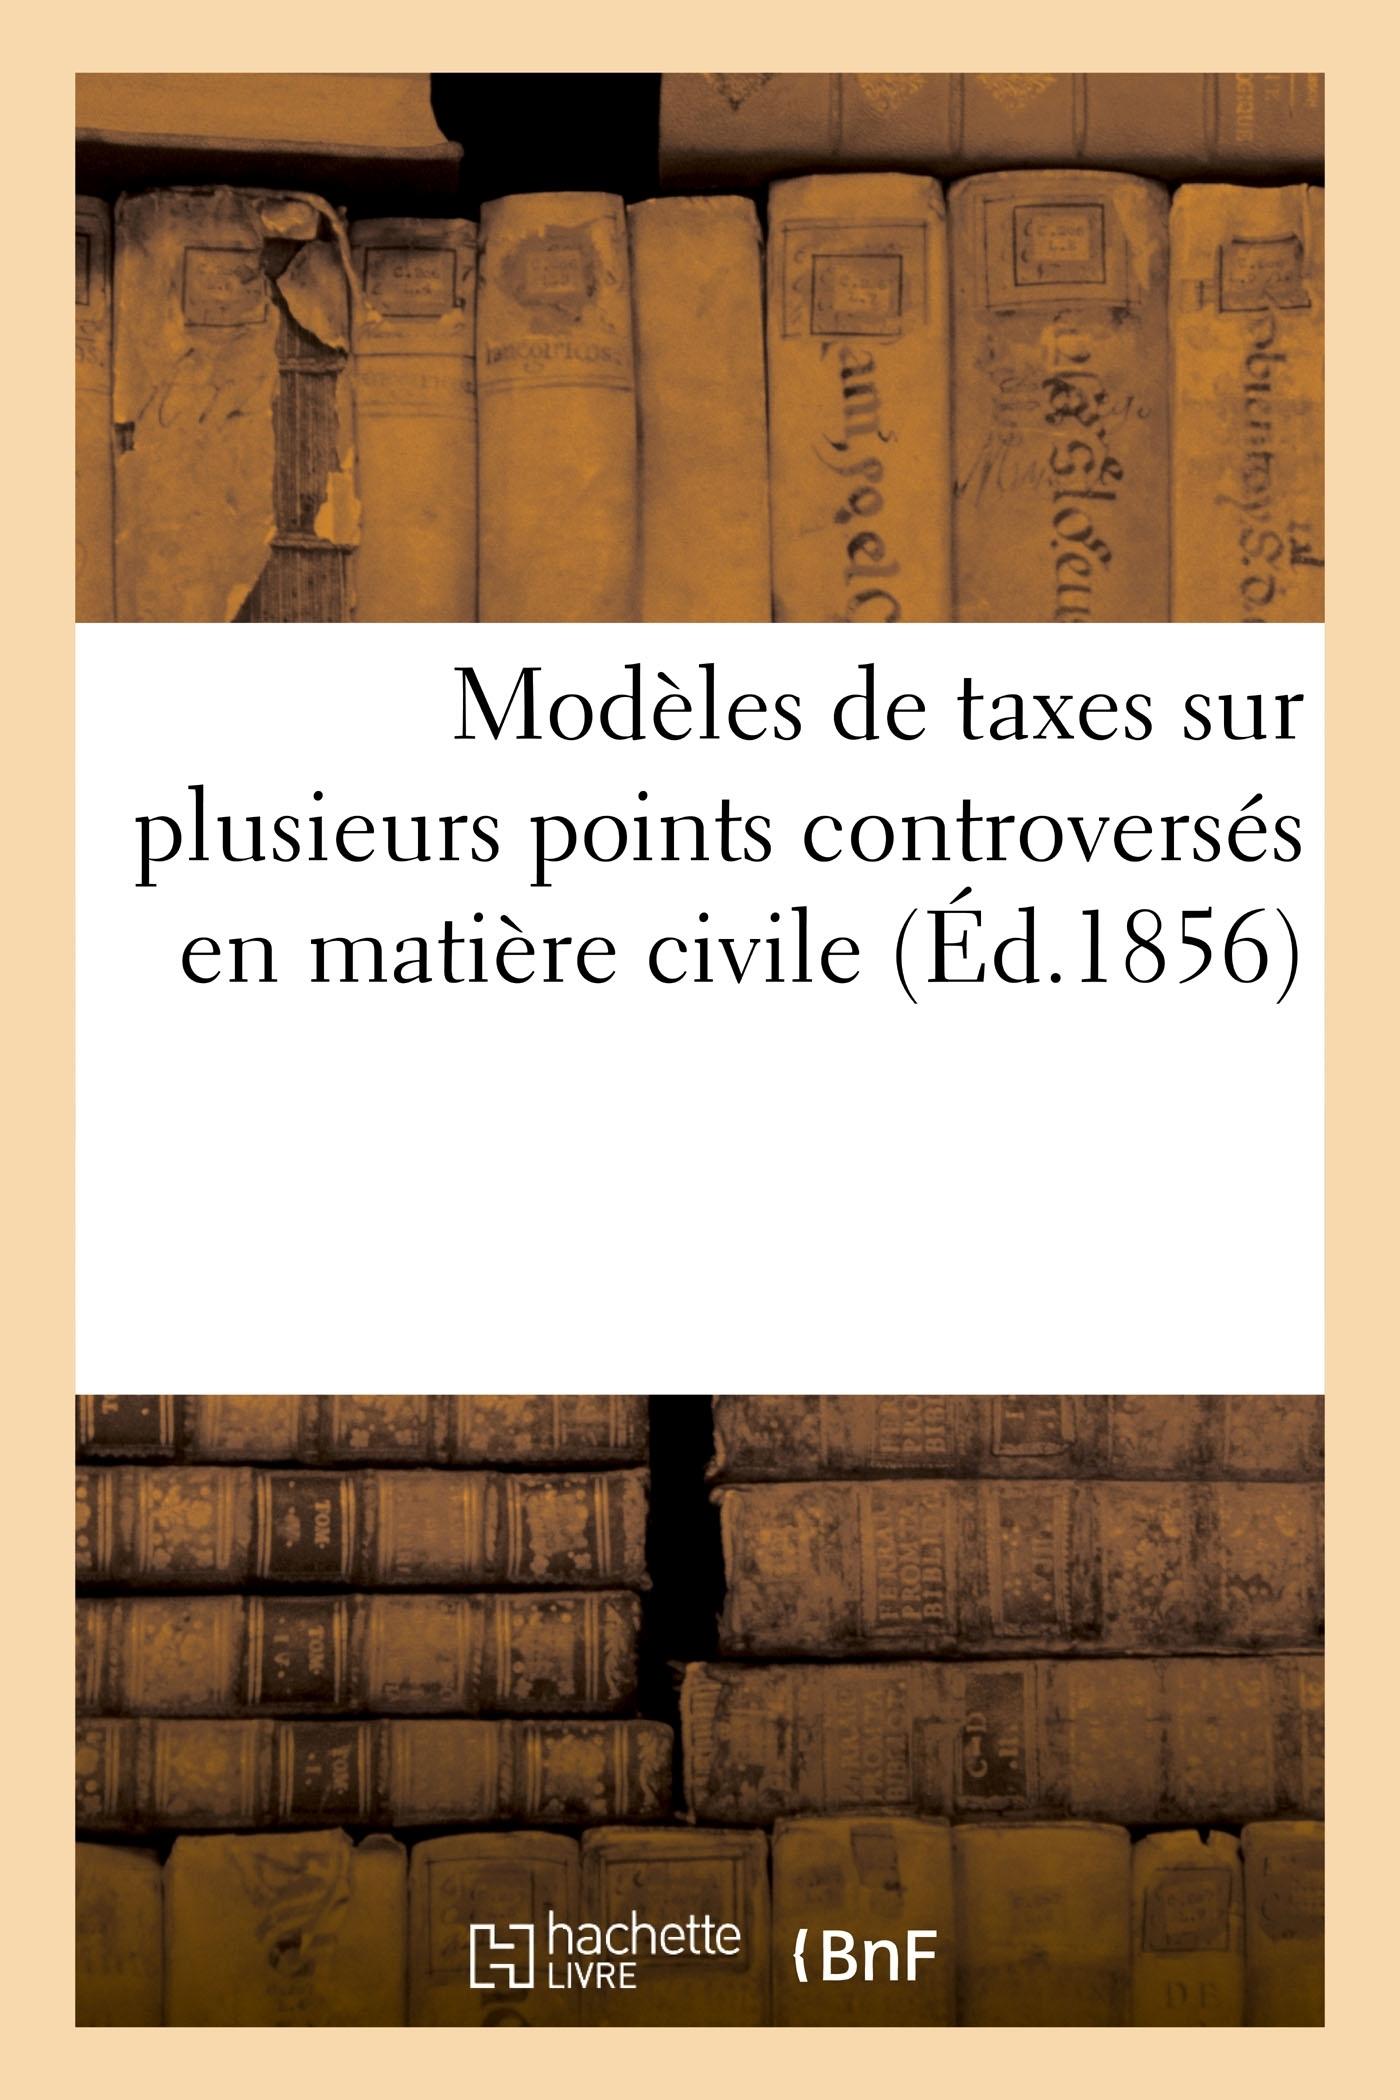 MODELES DE TAXES SUR PLUSIEURS POINTS CONTROVERSES EN MATIERE CIVILE - D'APRES LES REGLES LE PLUS GE